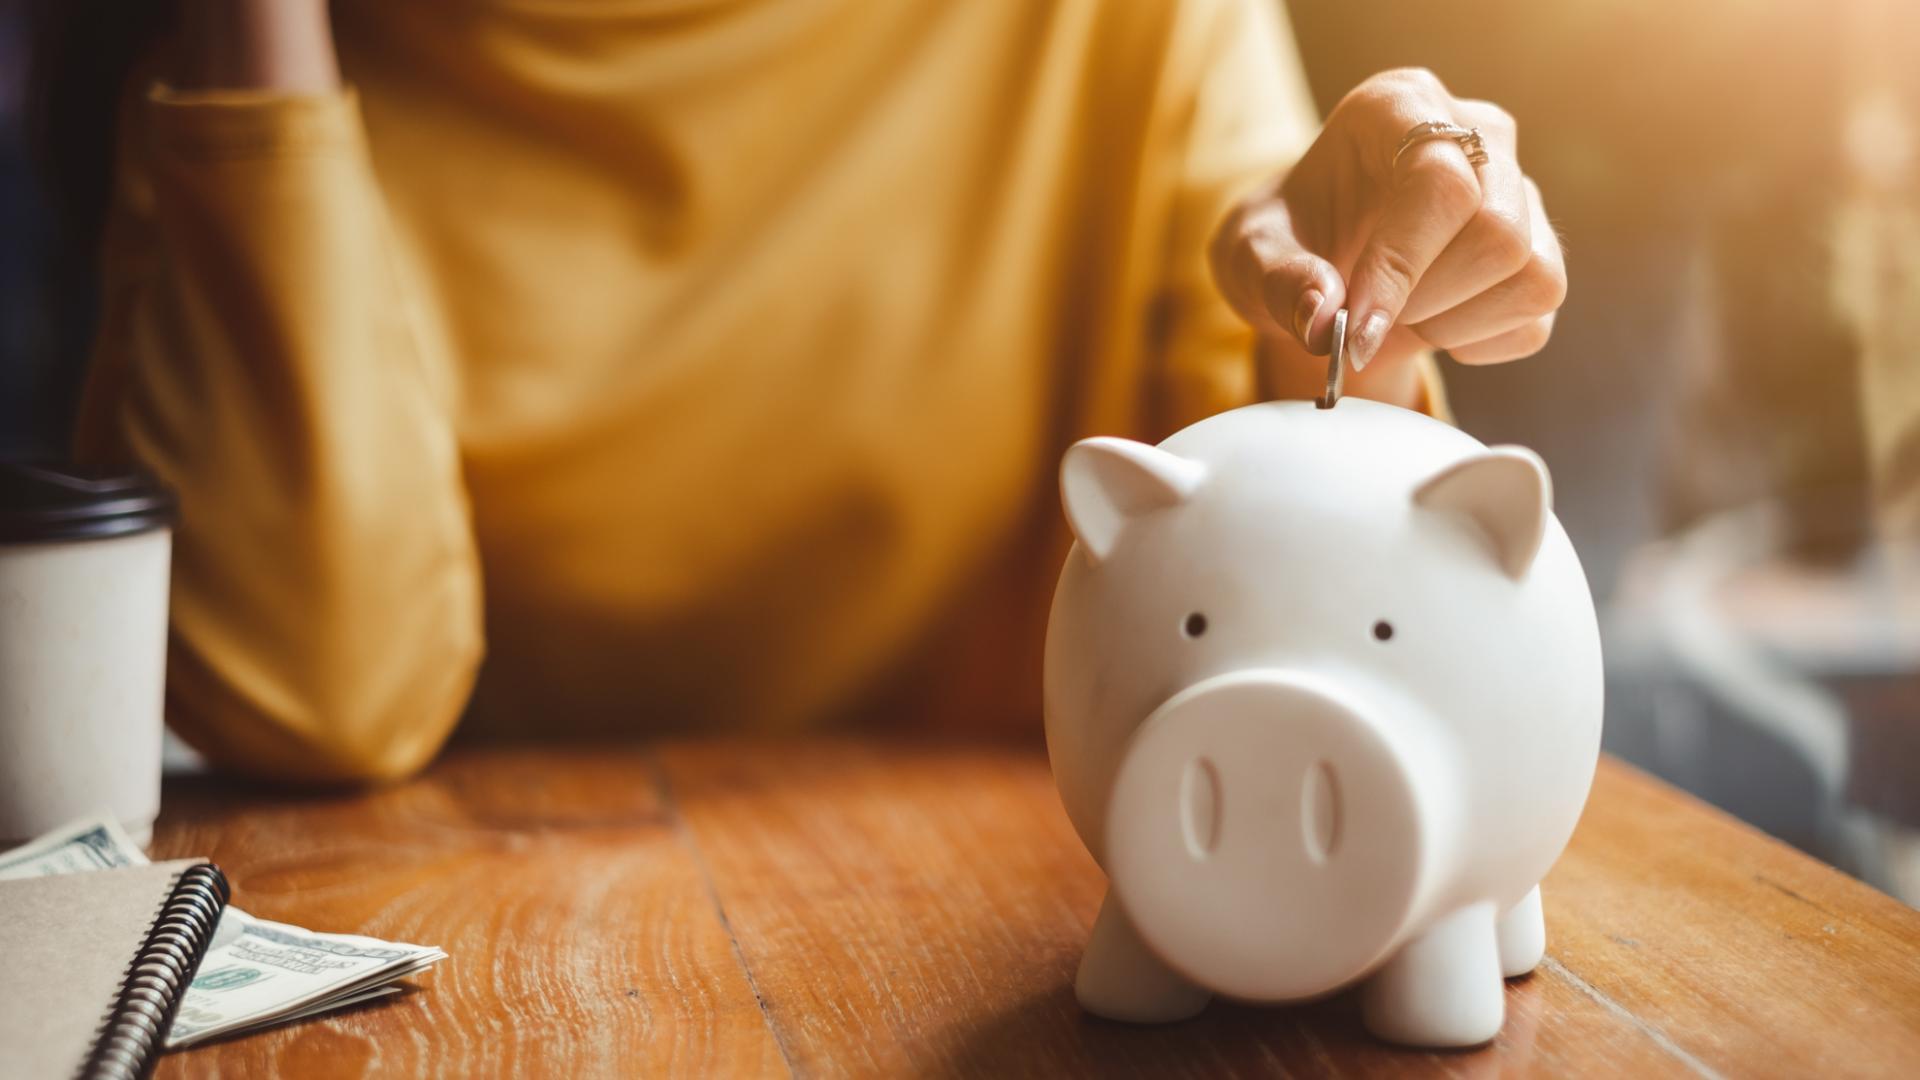 nachhaltige banken sparschwein tisch geld frau